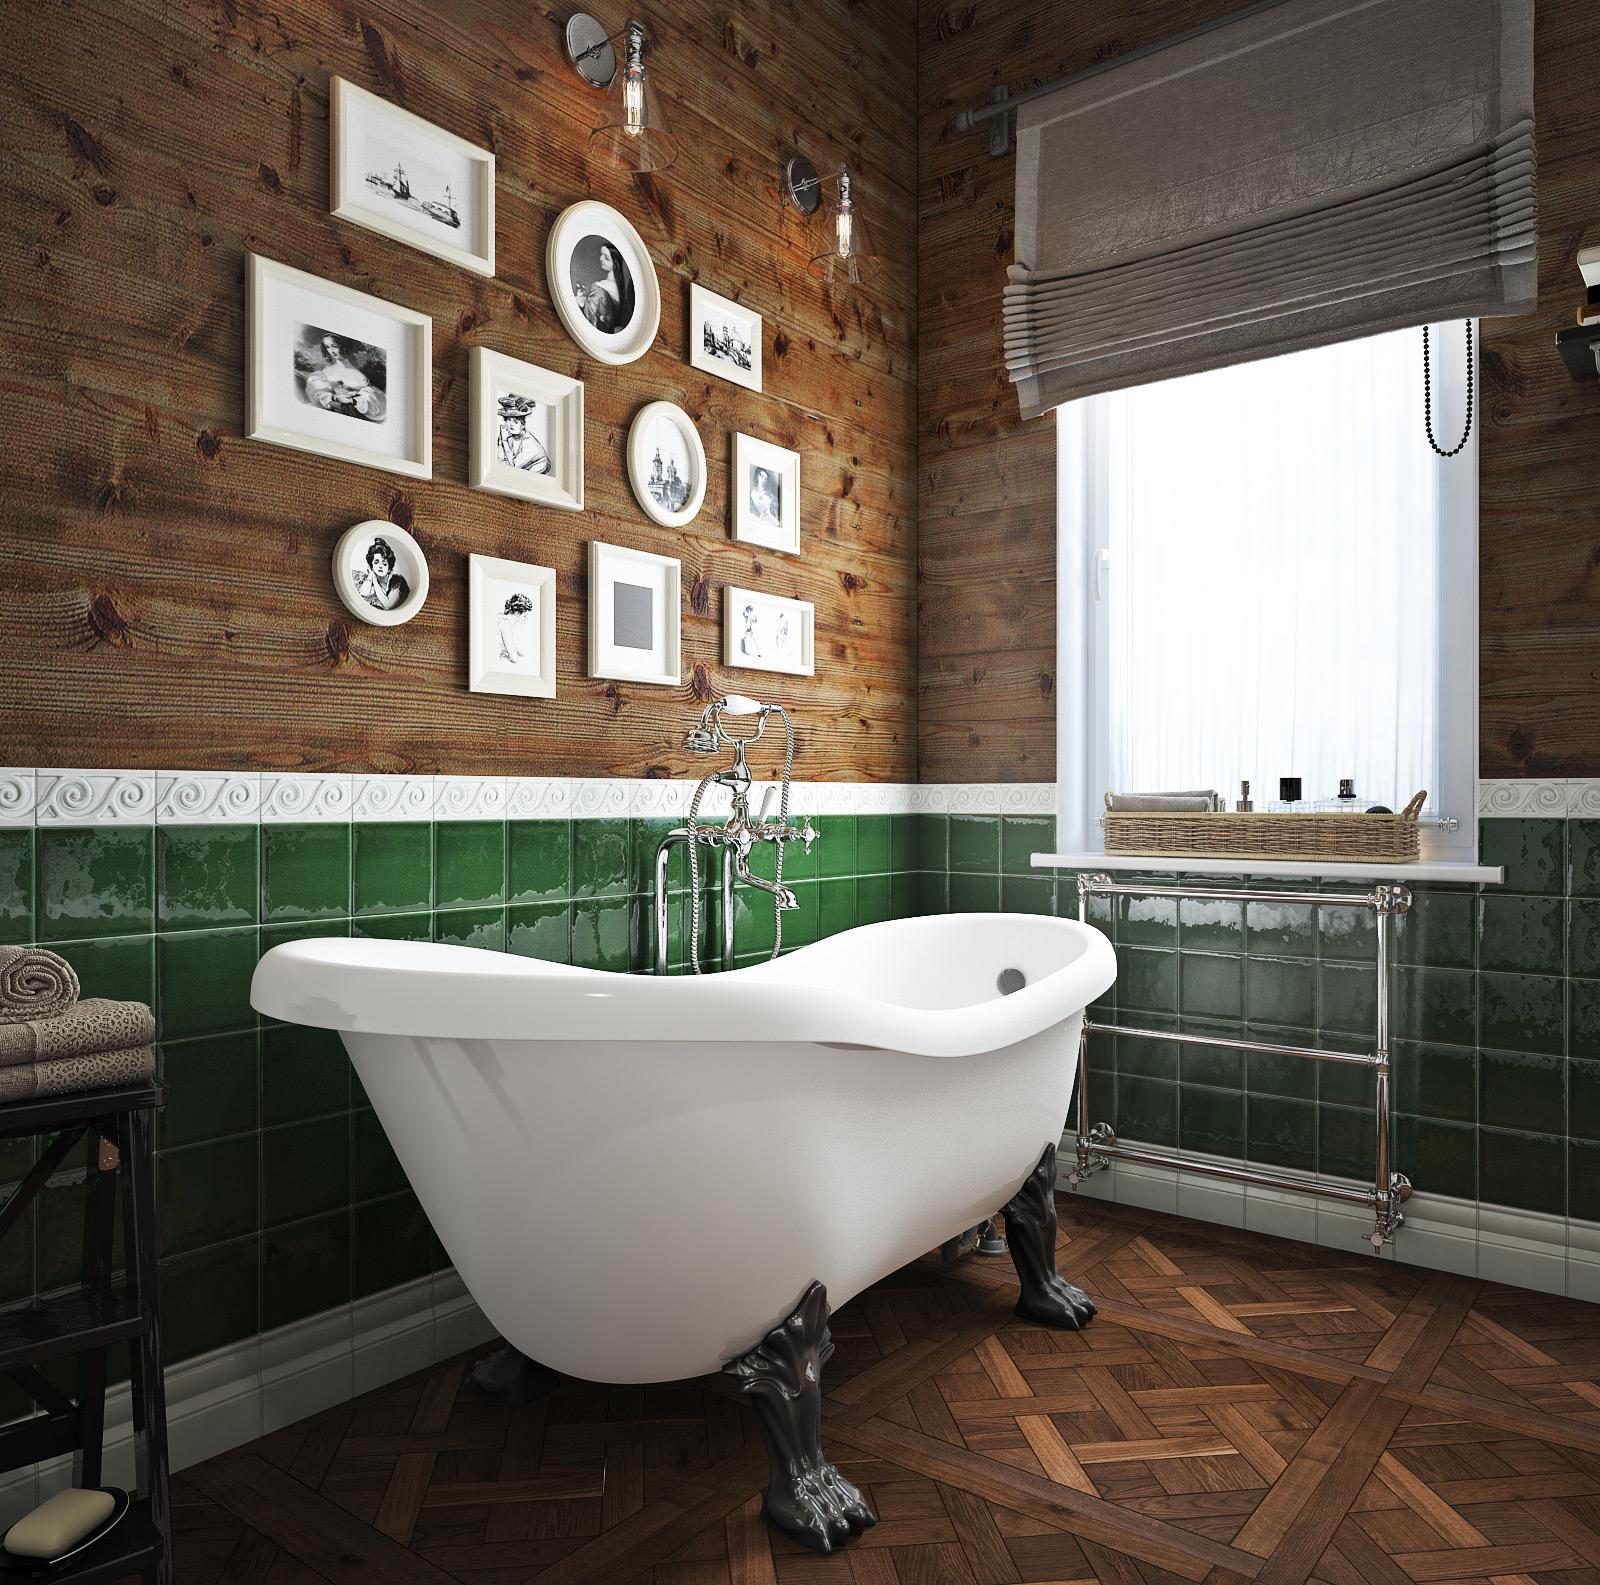 Ванная без унитаза в стиле ретро